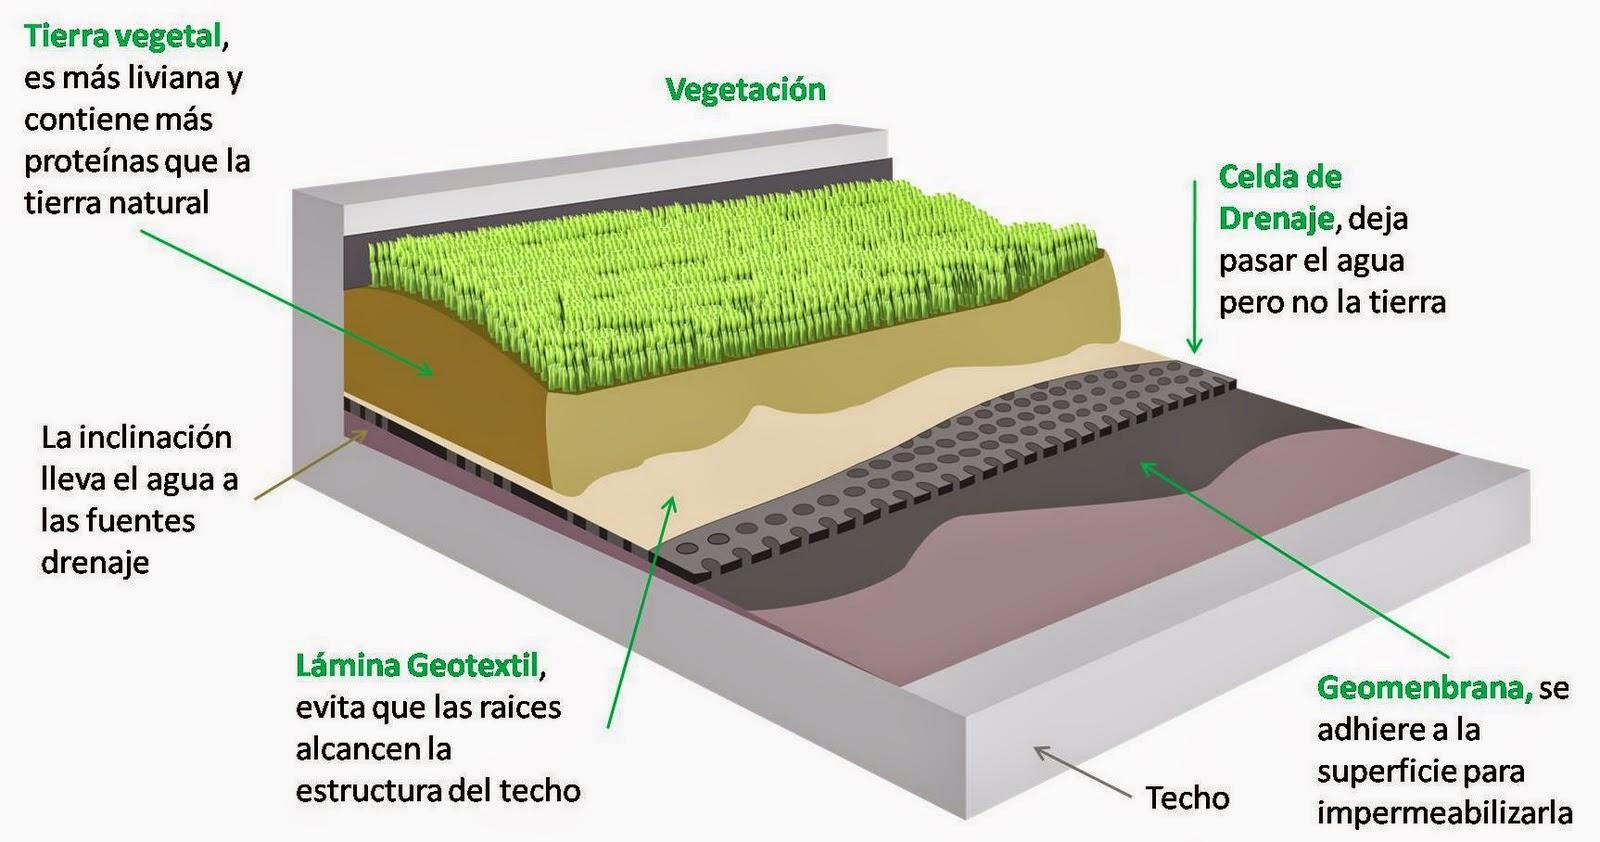 como lo son horizontal como techo y tambin se encuentra de manera vertical como lo son las paredes o los llamados jardines verticales